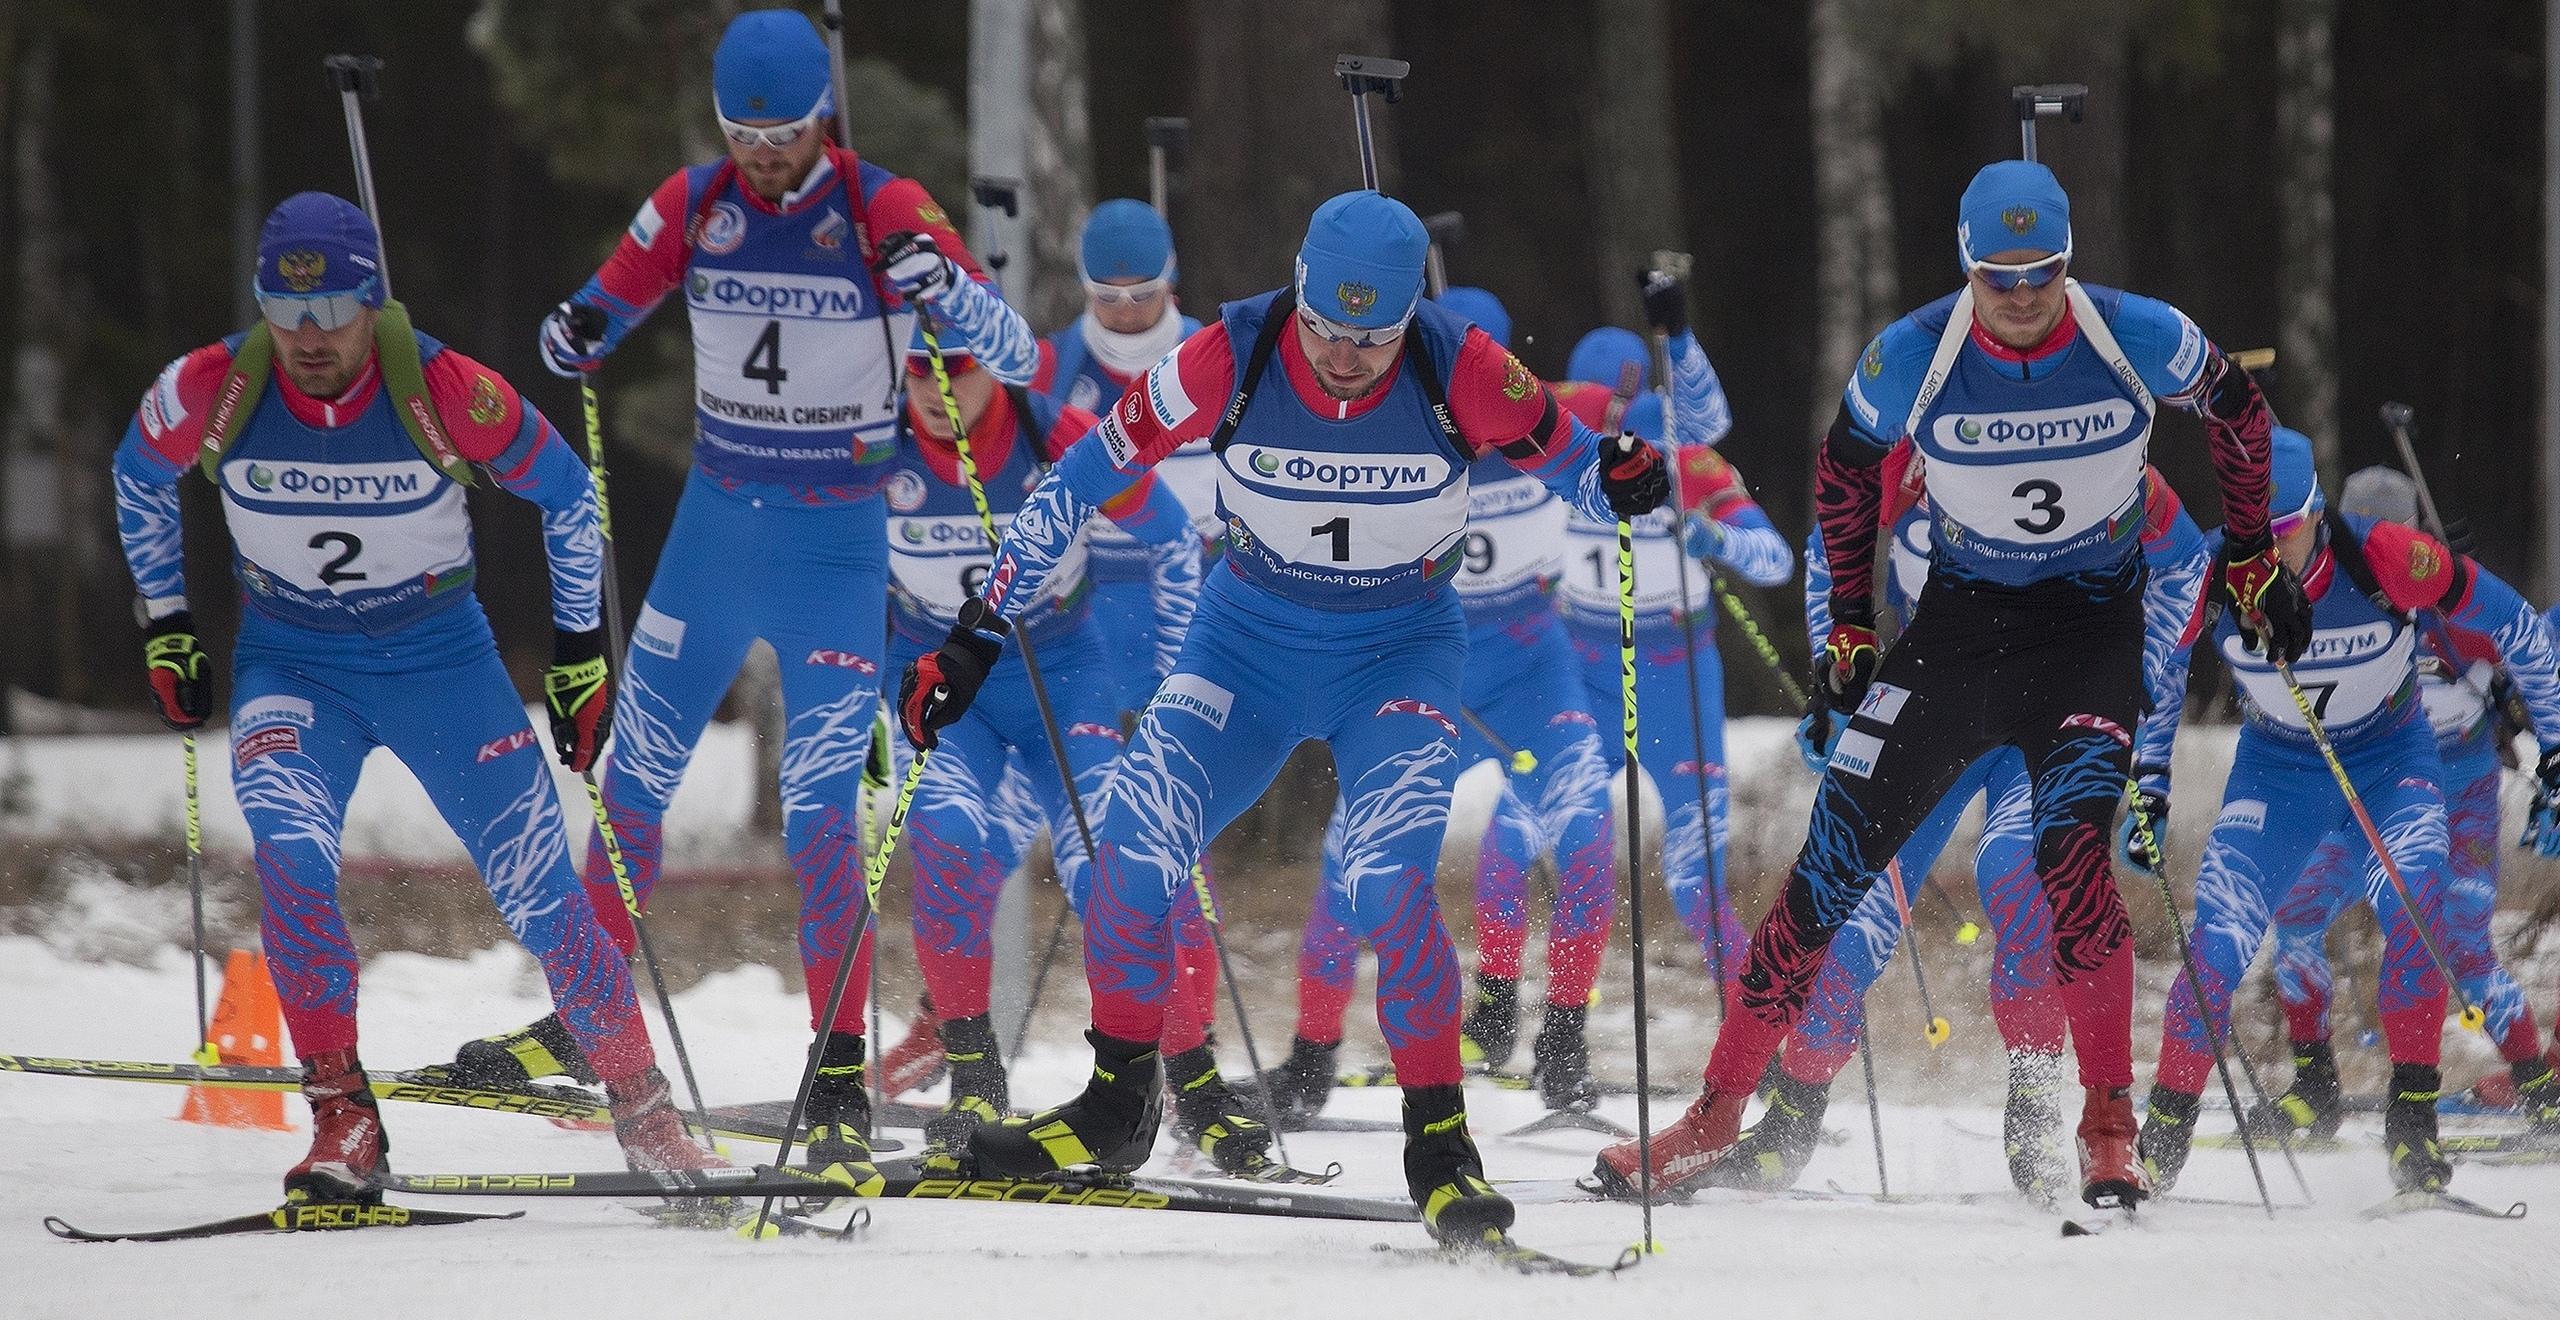 Списки спортсменов на централизованную подготовку вновь будут пересматриваться